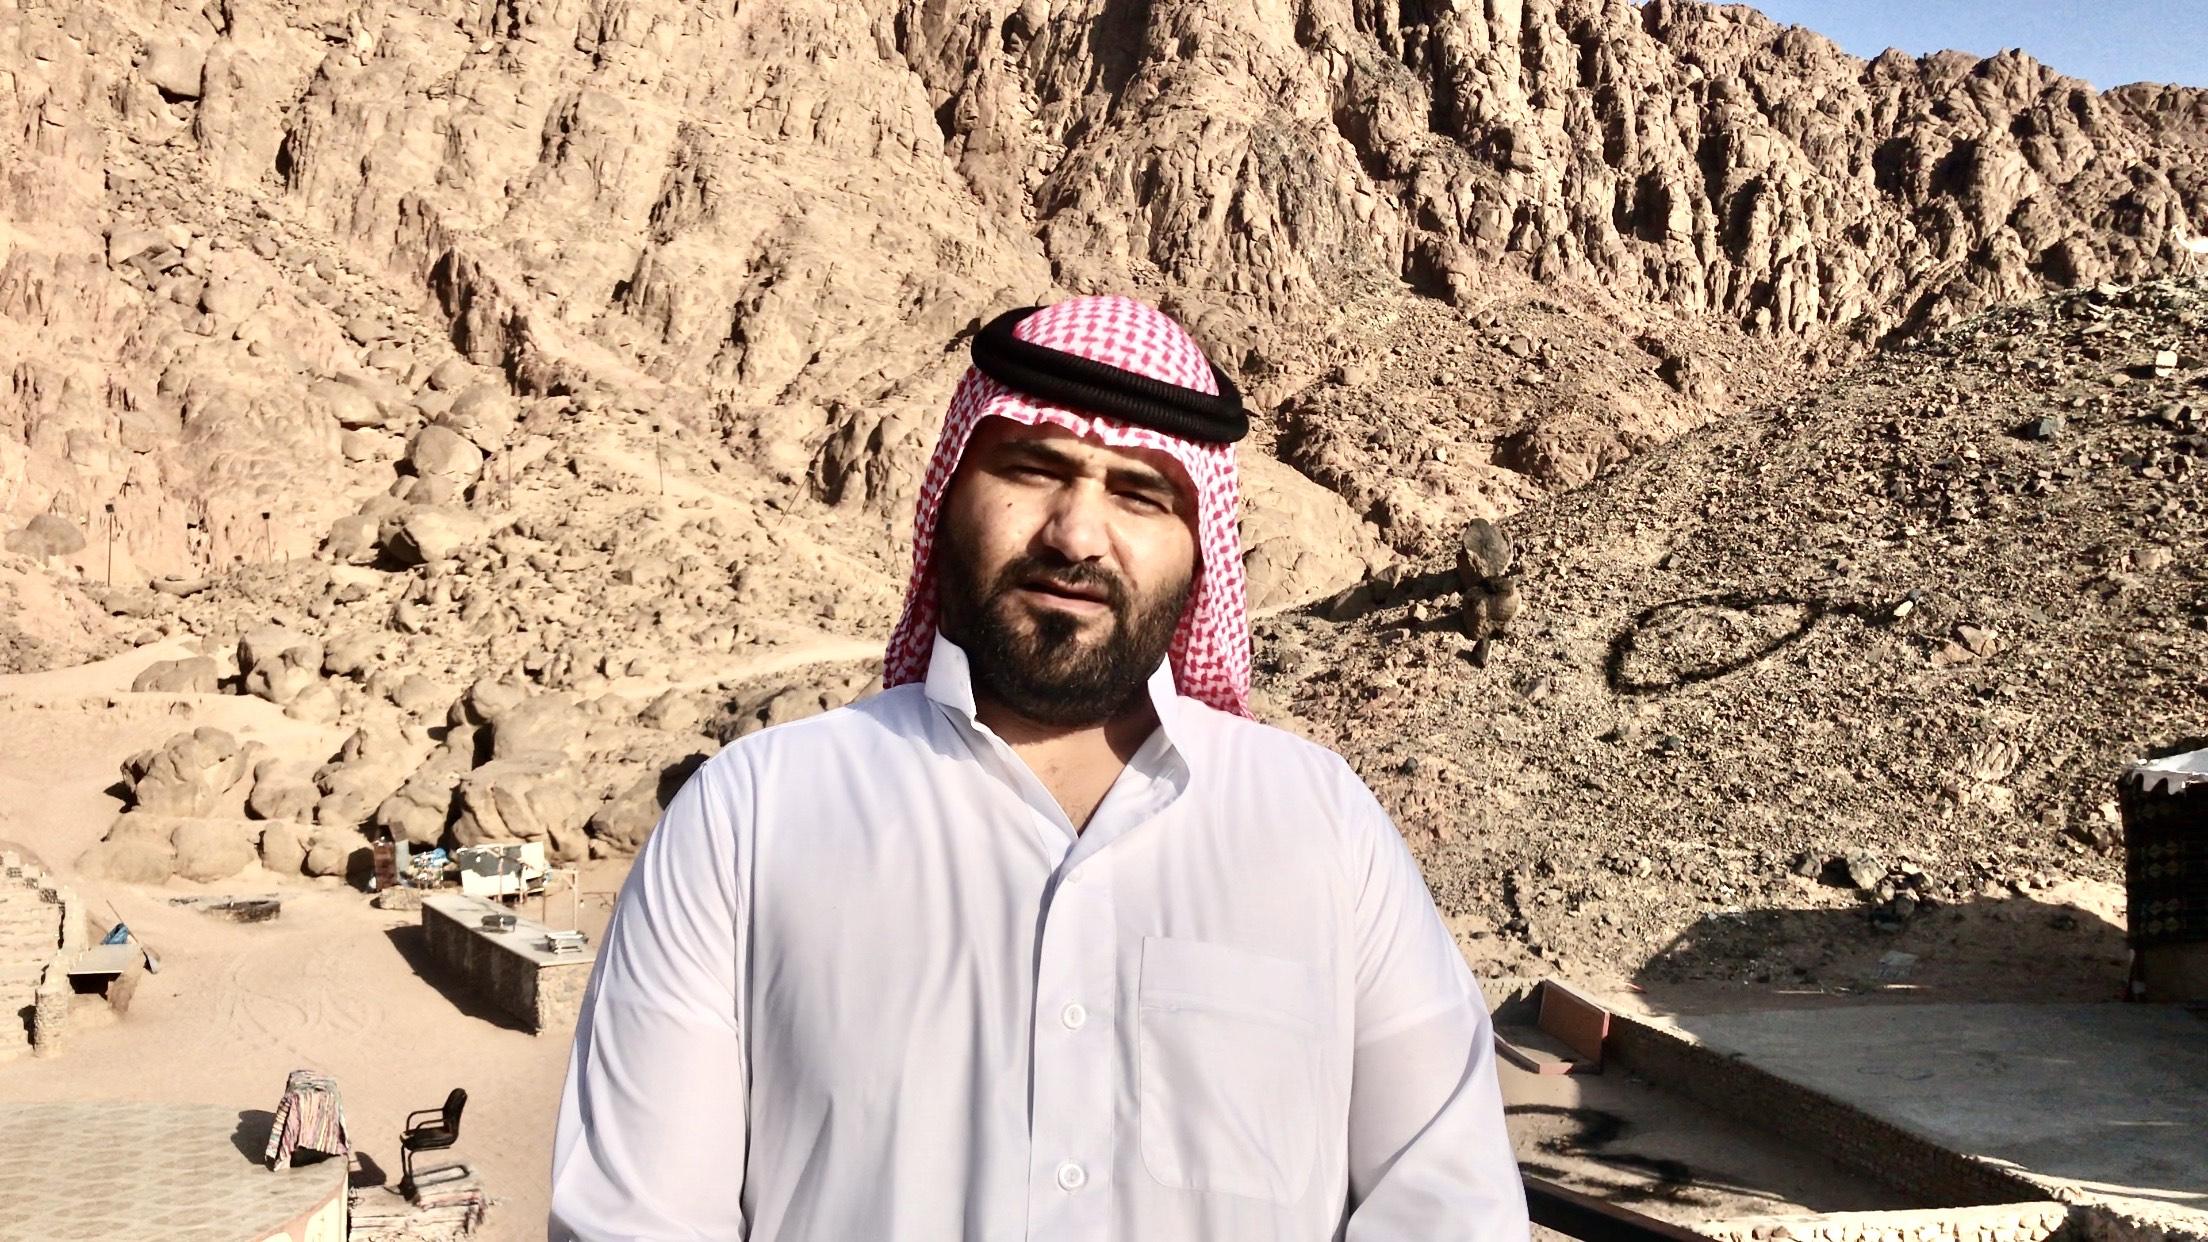 سياحة السفارى والجبال بشرم الشيخ  (1)